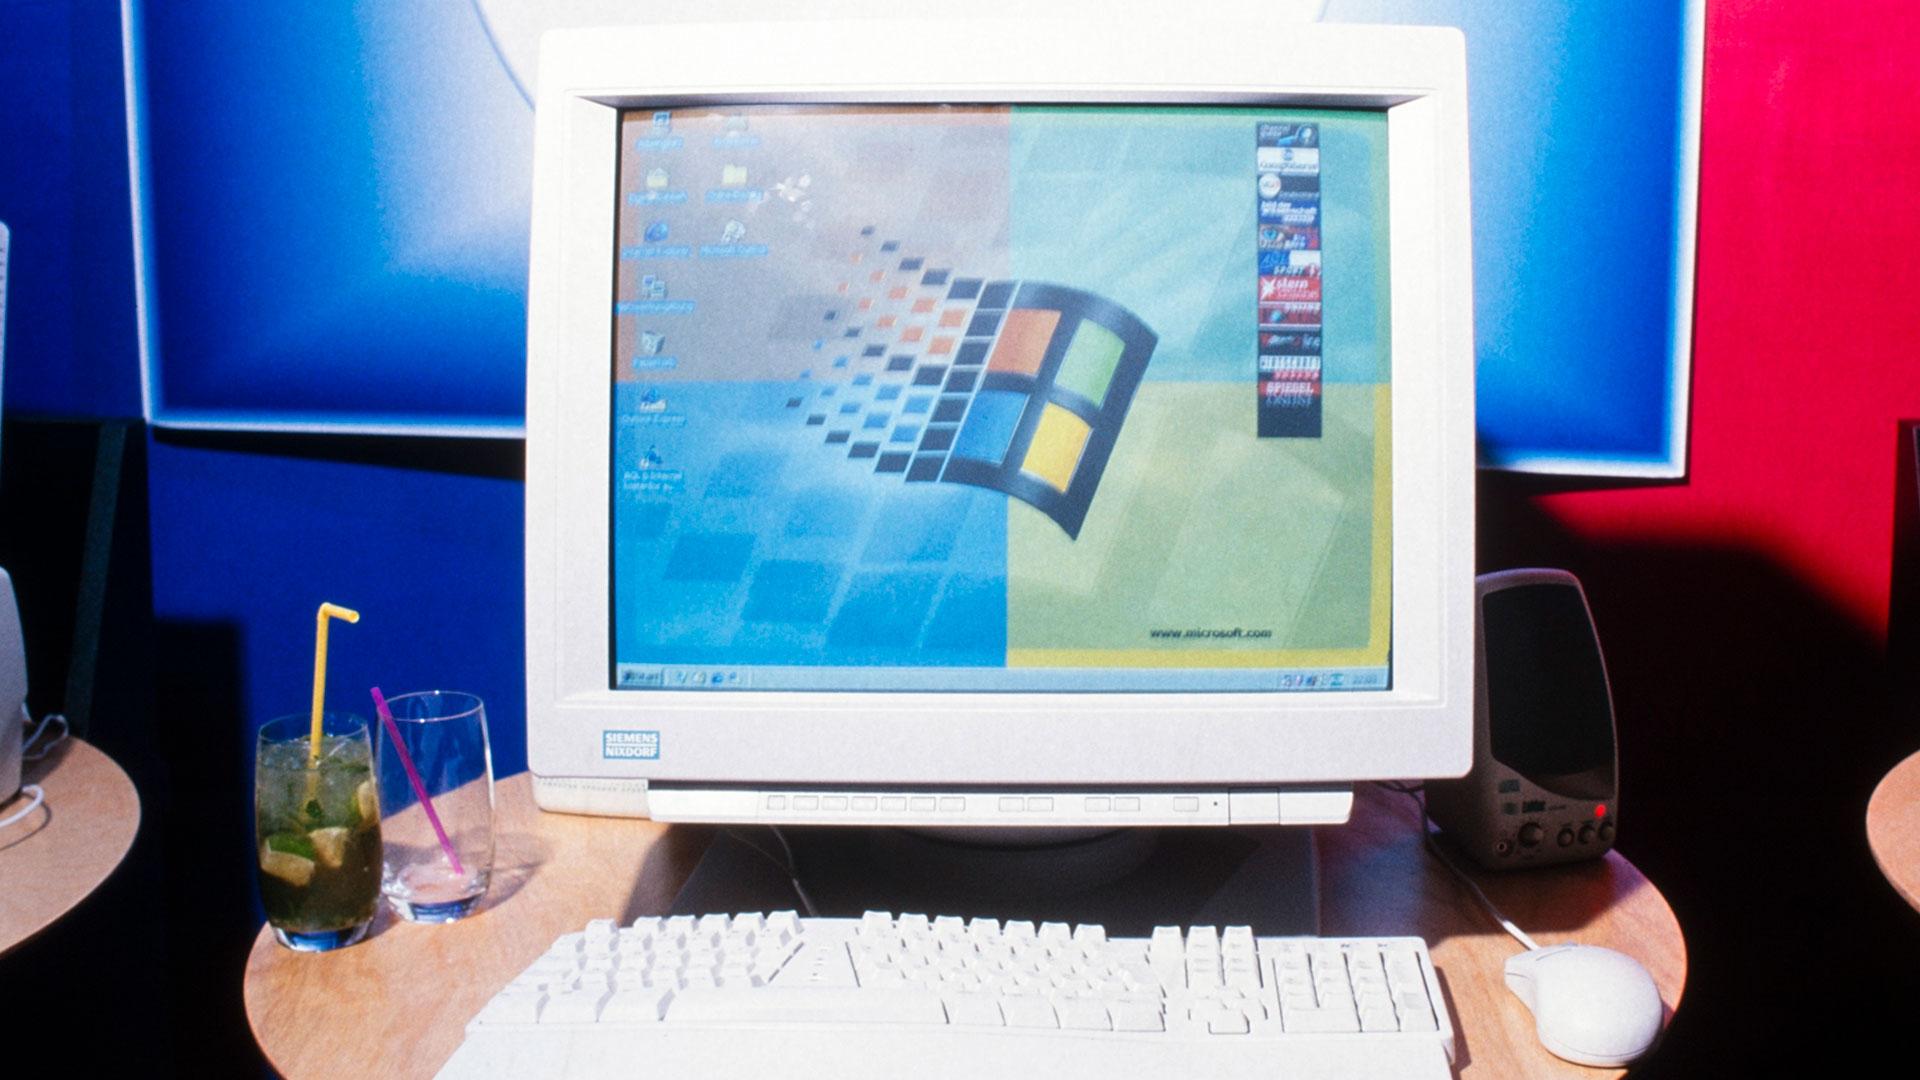 Ein Desktop Computer mit dem Betriebssystem Windows 95